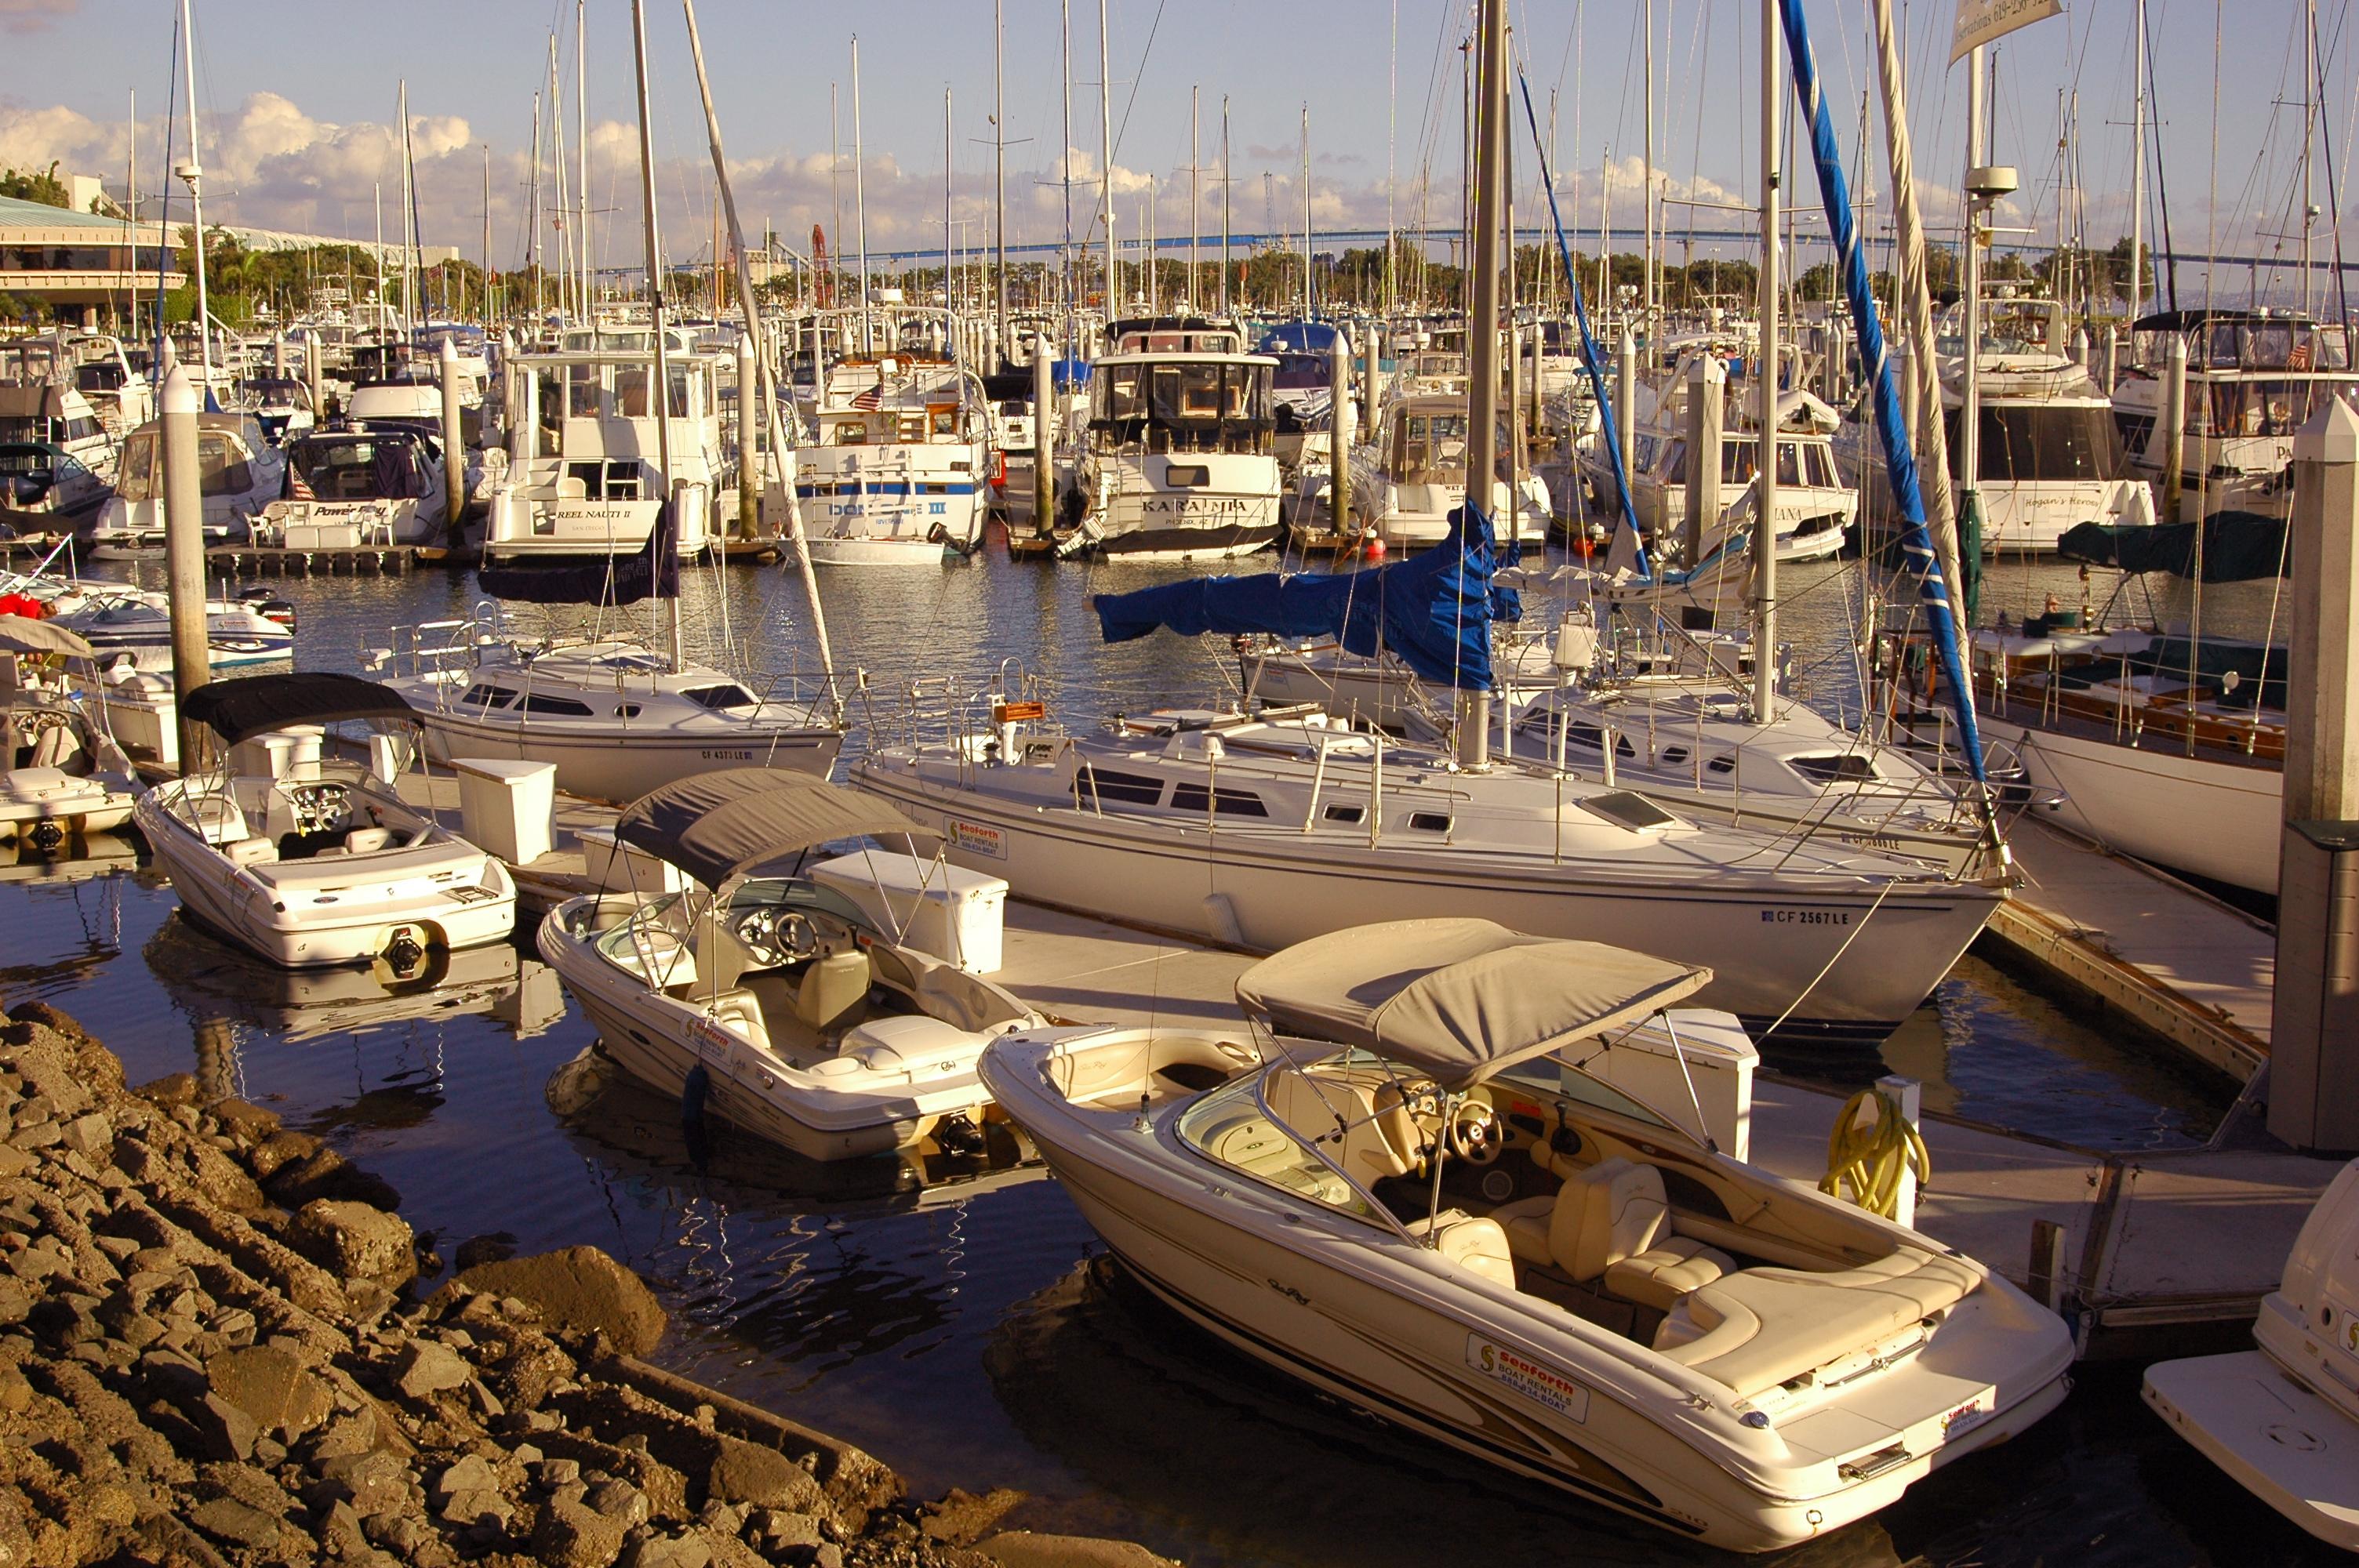 Boats in the marina photo